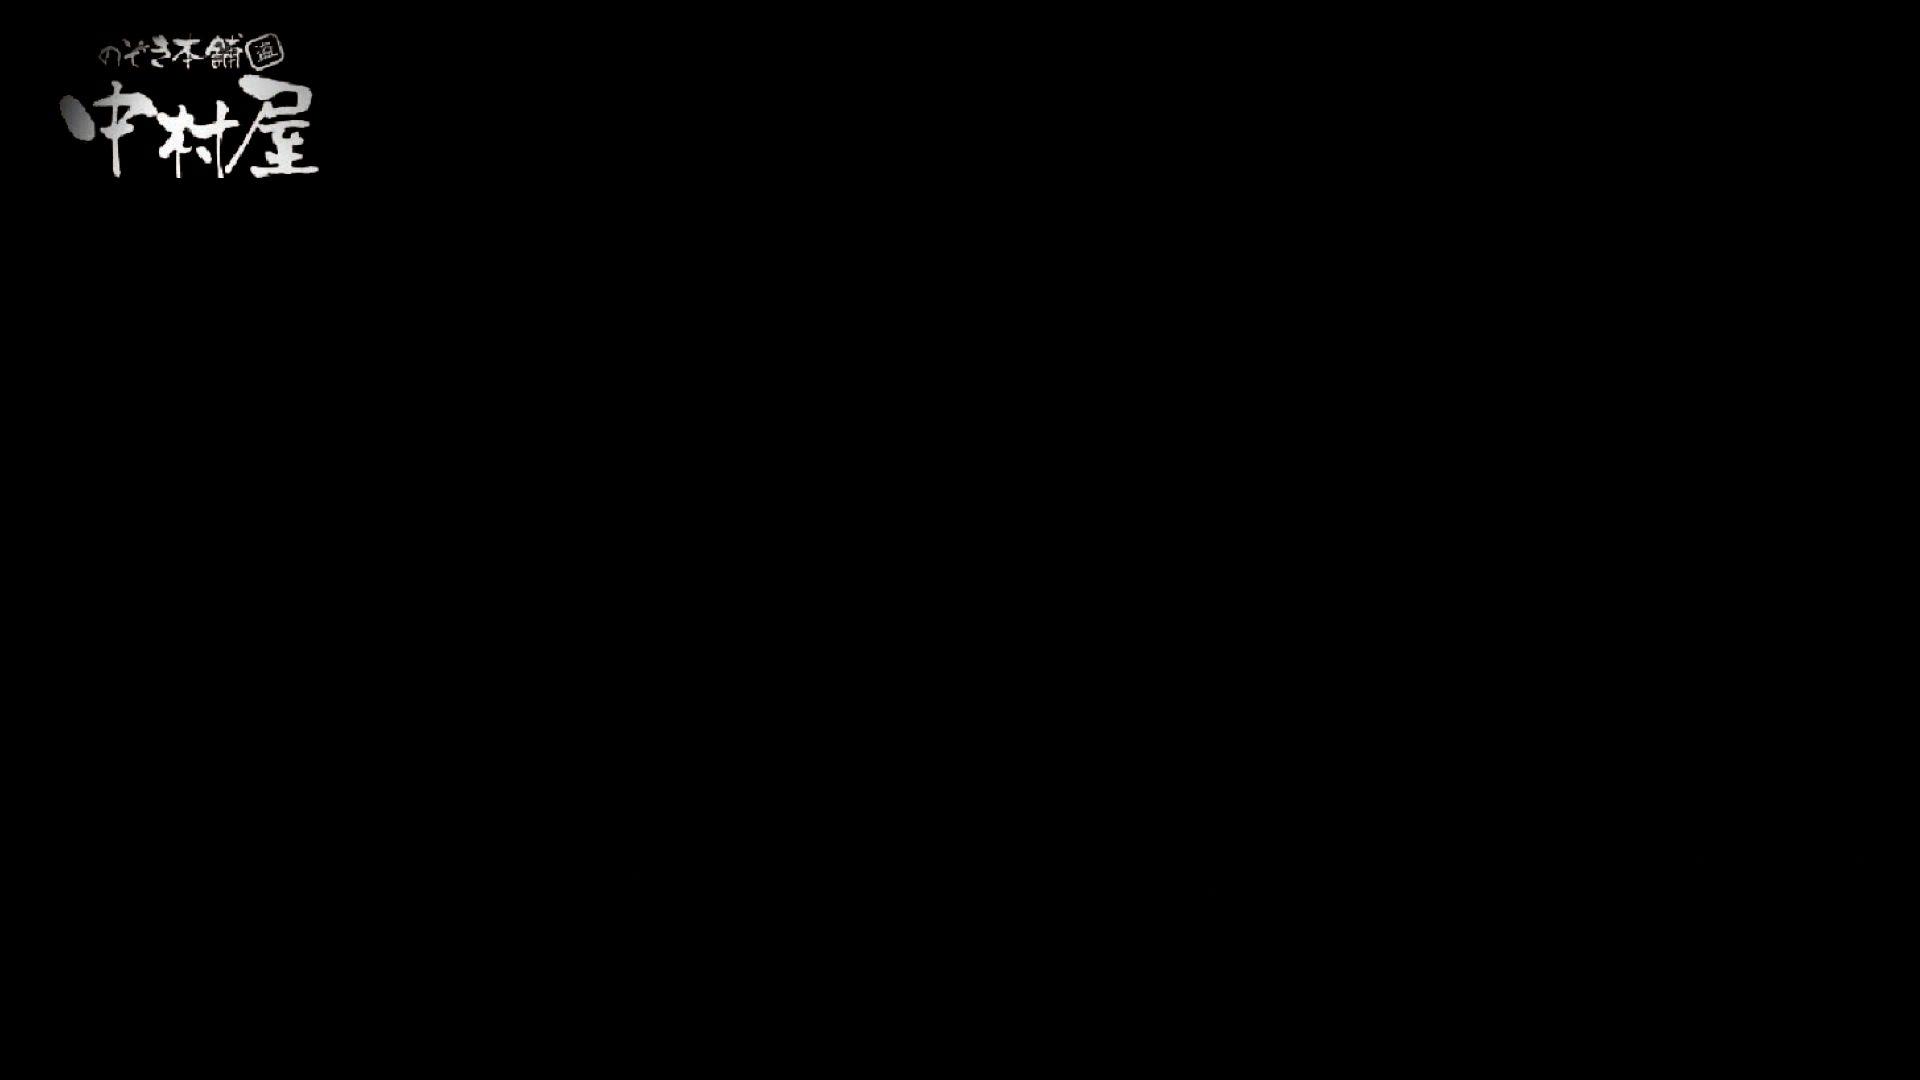 【世界の射窓から】世界の射窓から vol.12 OLエロ画像  83PICs 58